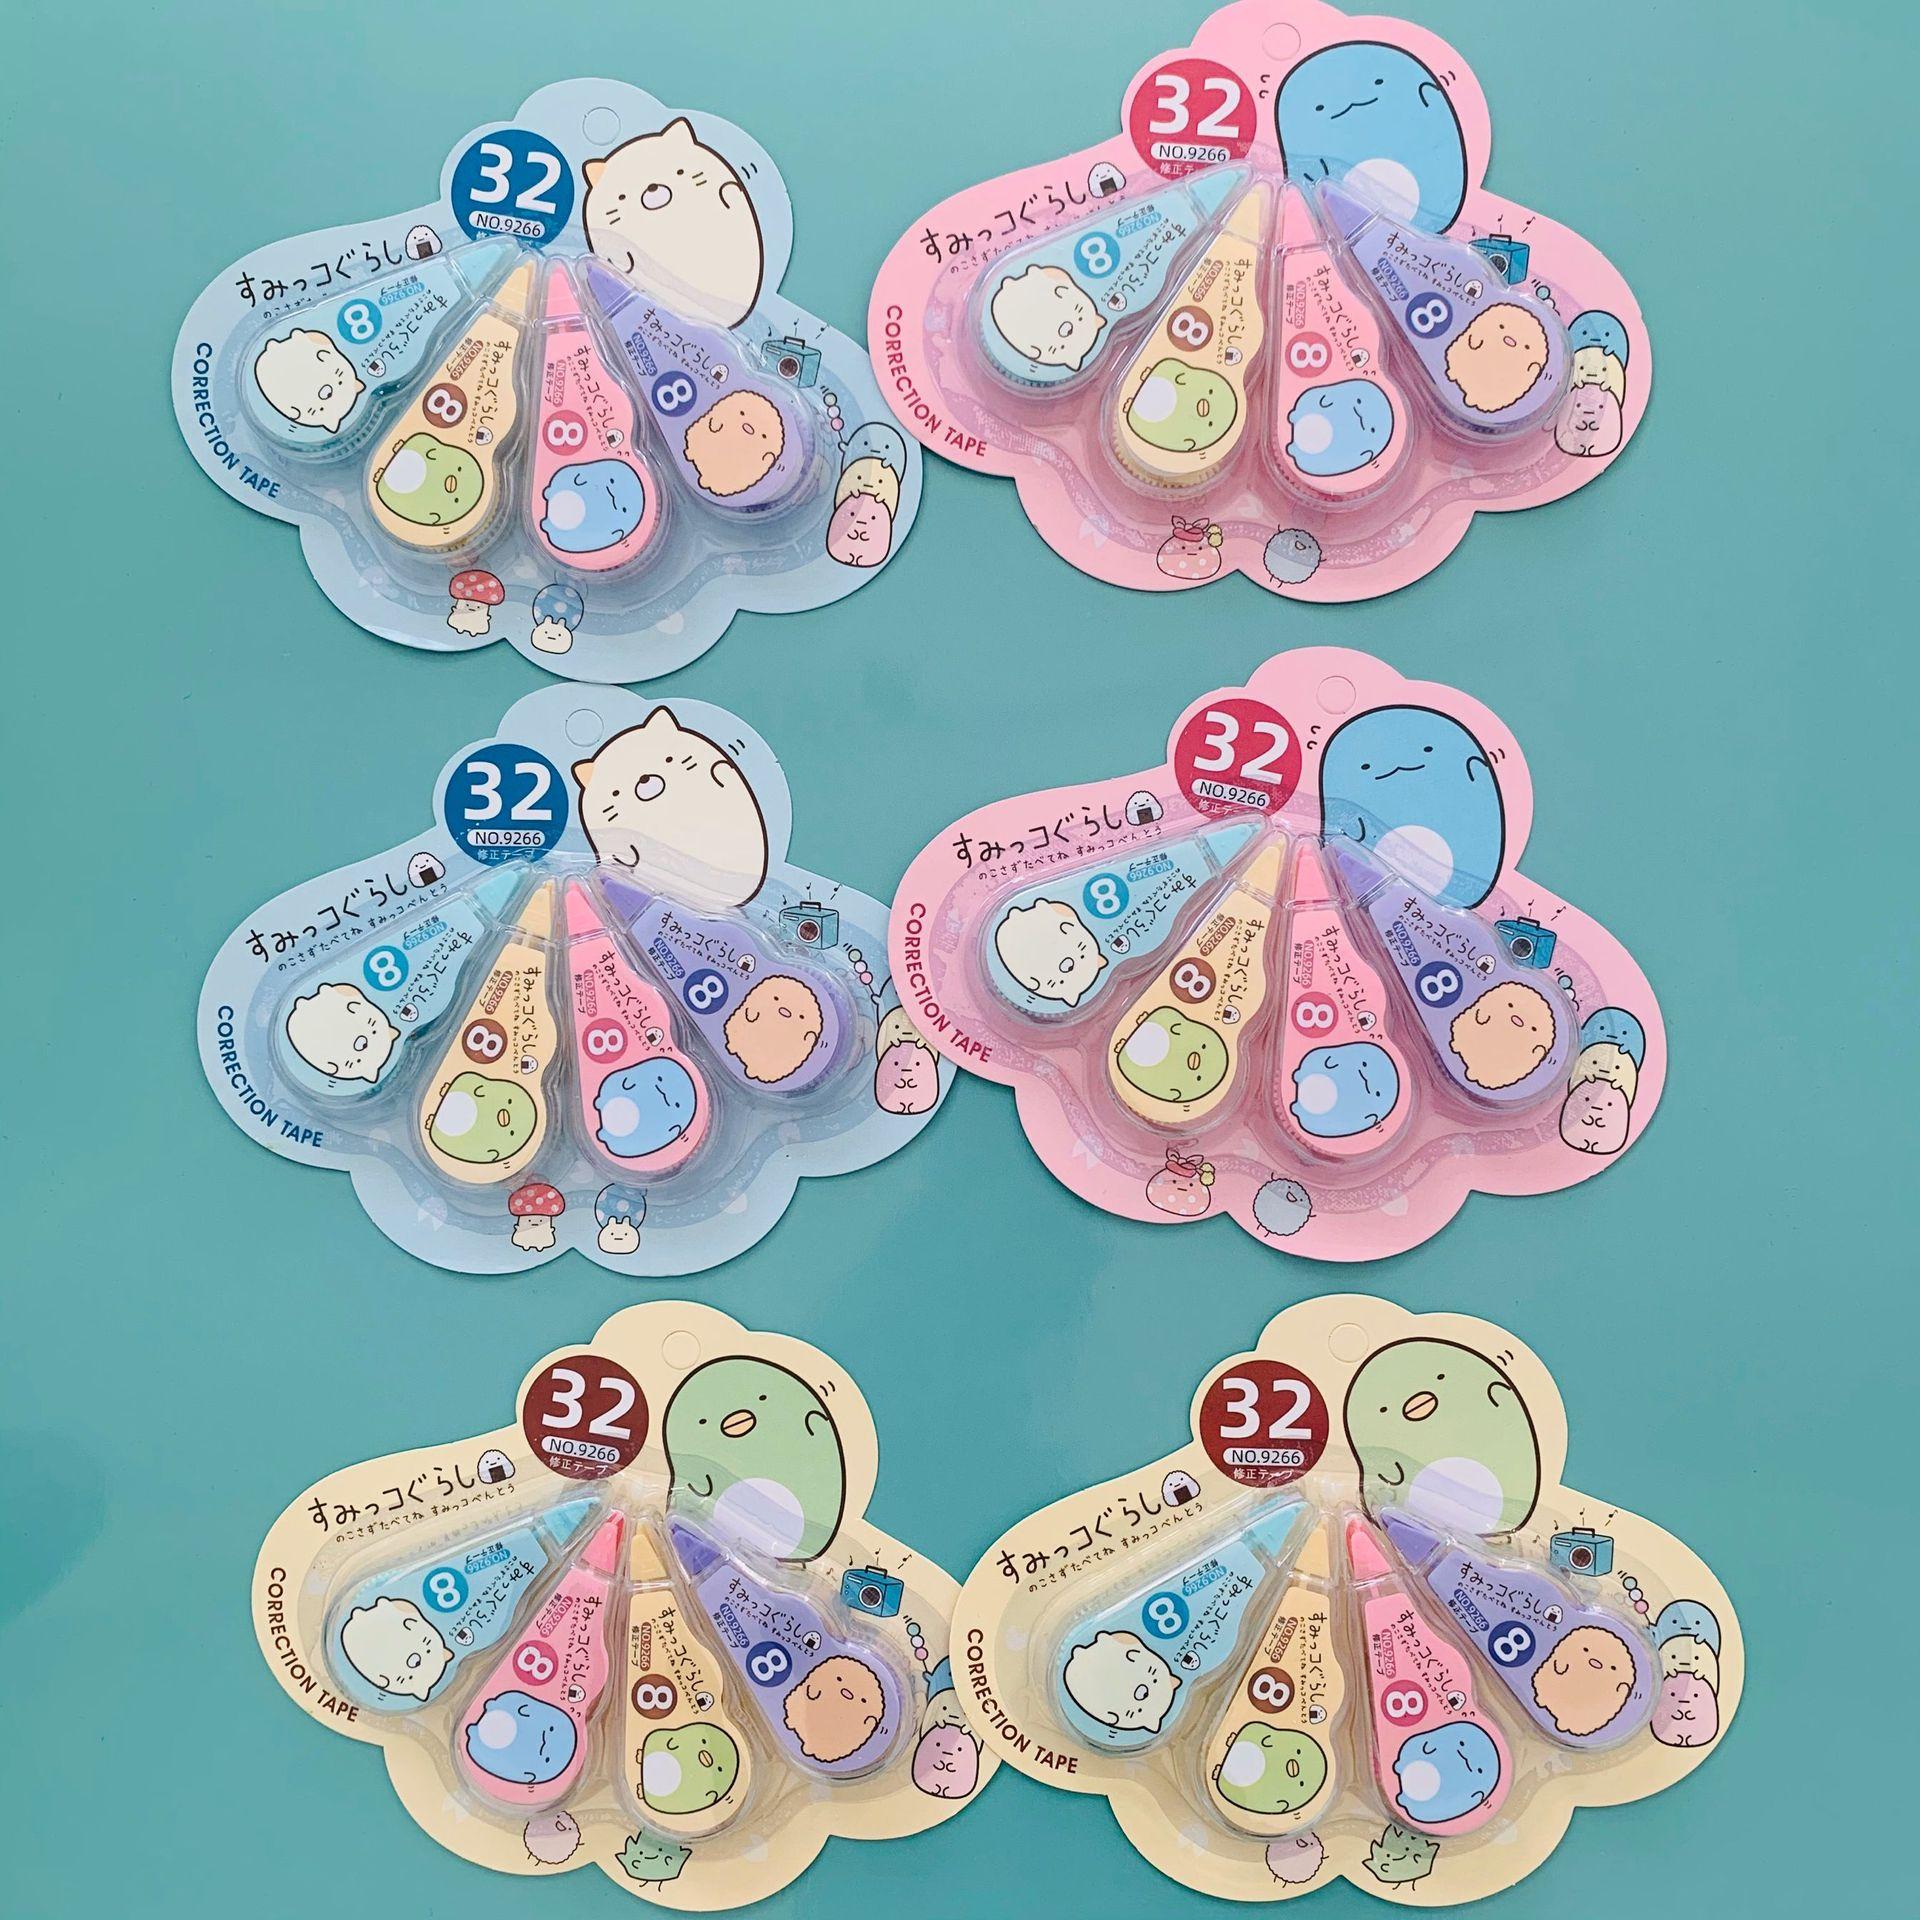 4Pcs/Lot Kawaii Sumikko Gurashi Correction Tapes Cartoon Corrector Tools For Kids Gifts Supplies Stationery